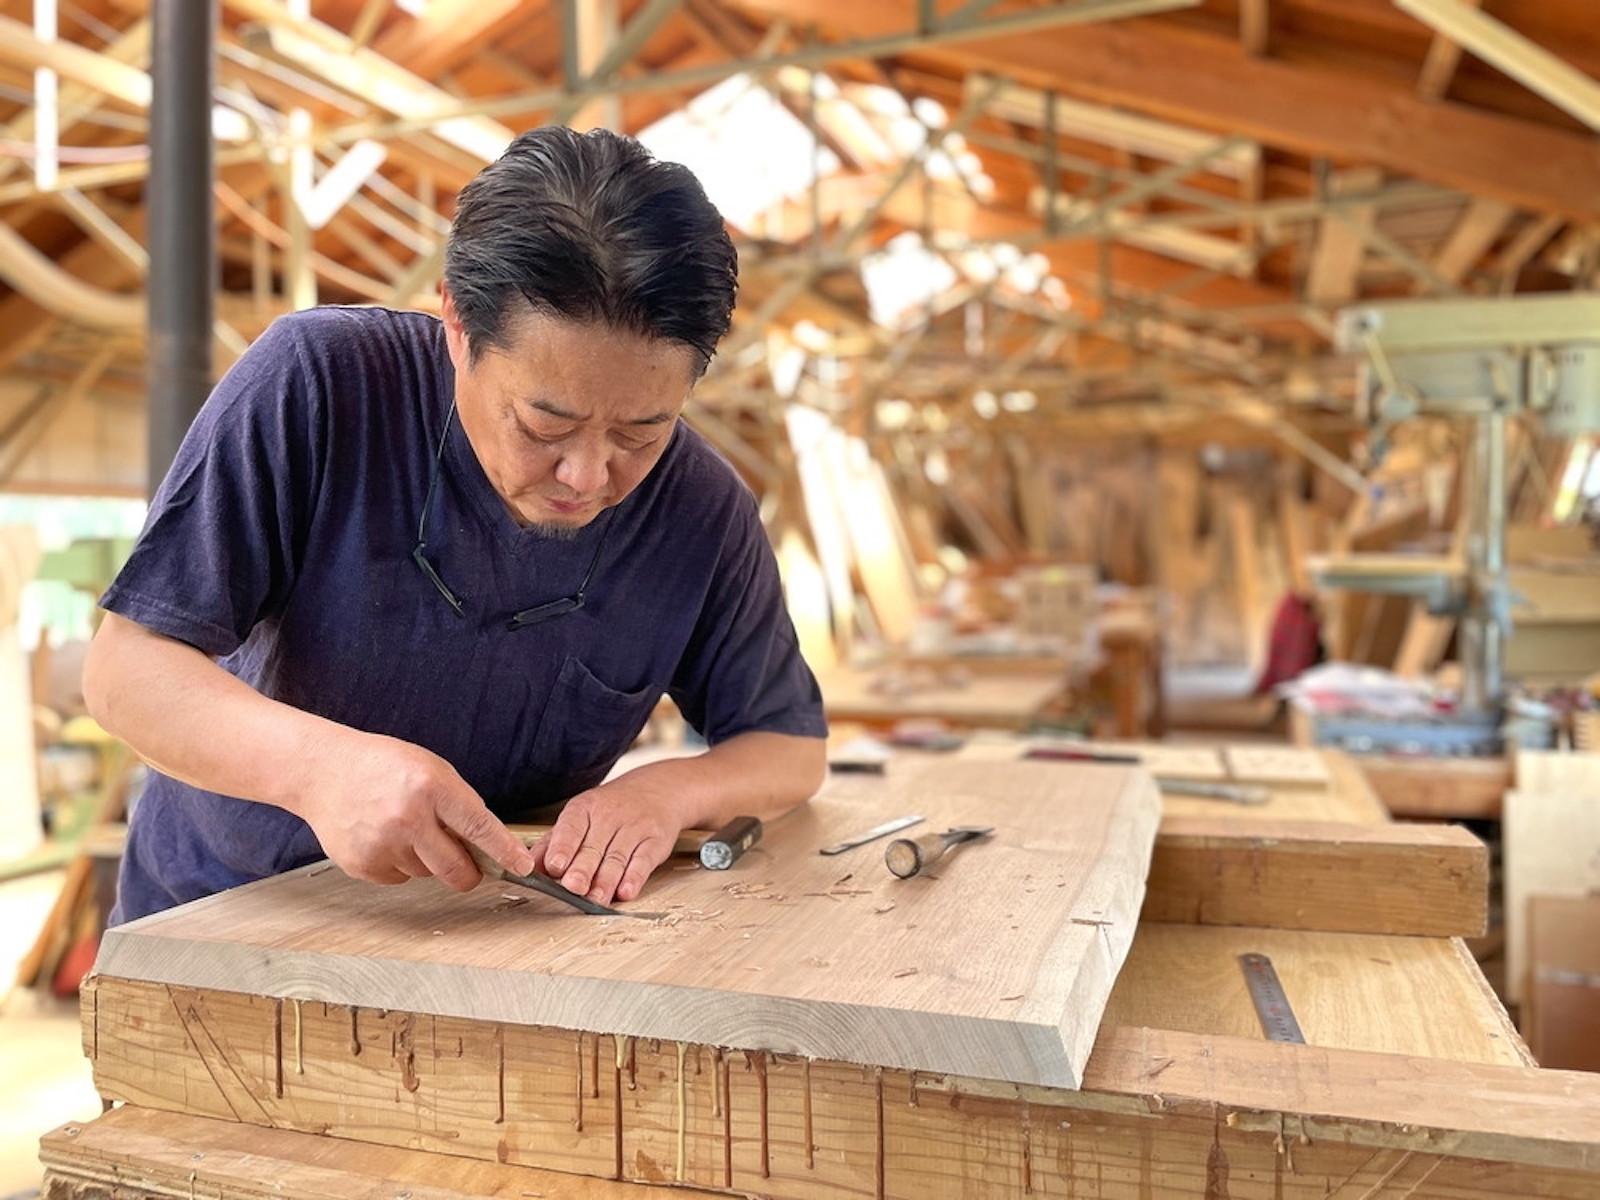 手作業でモクモクと家具を仕上げていく渡邊さん